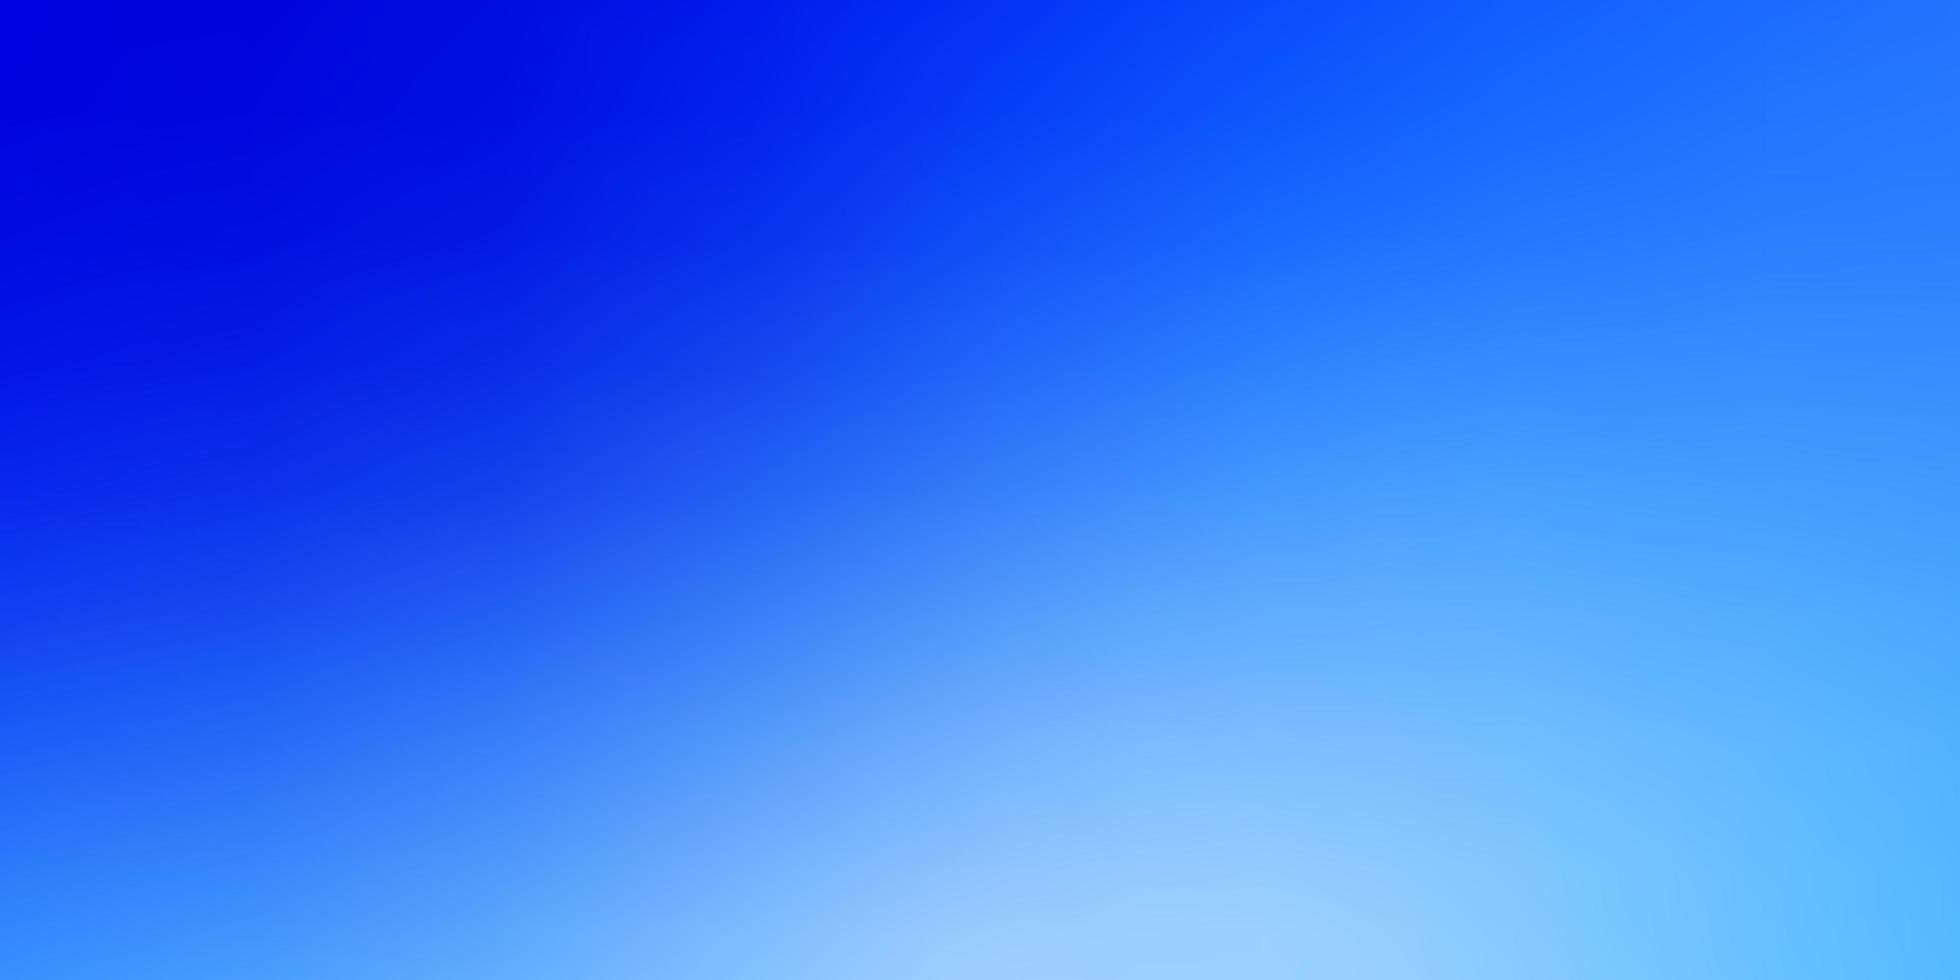 ljusblå vektor abstrakt layout.